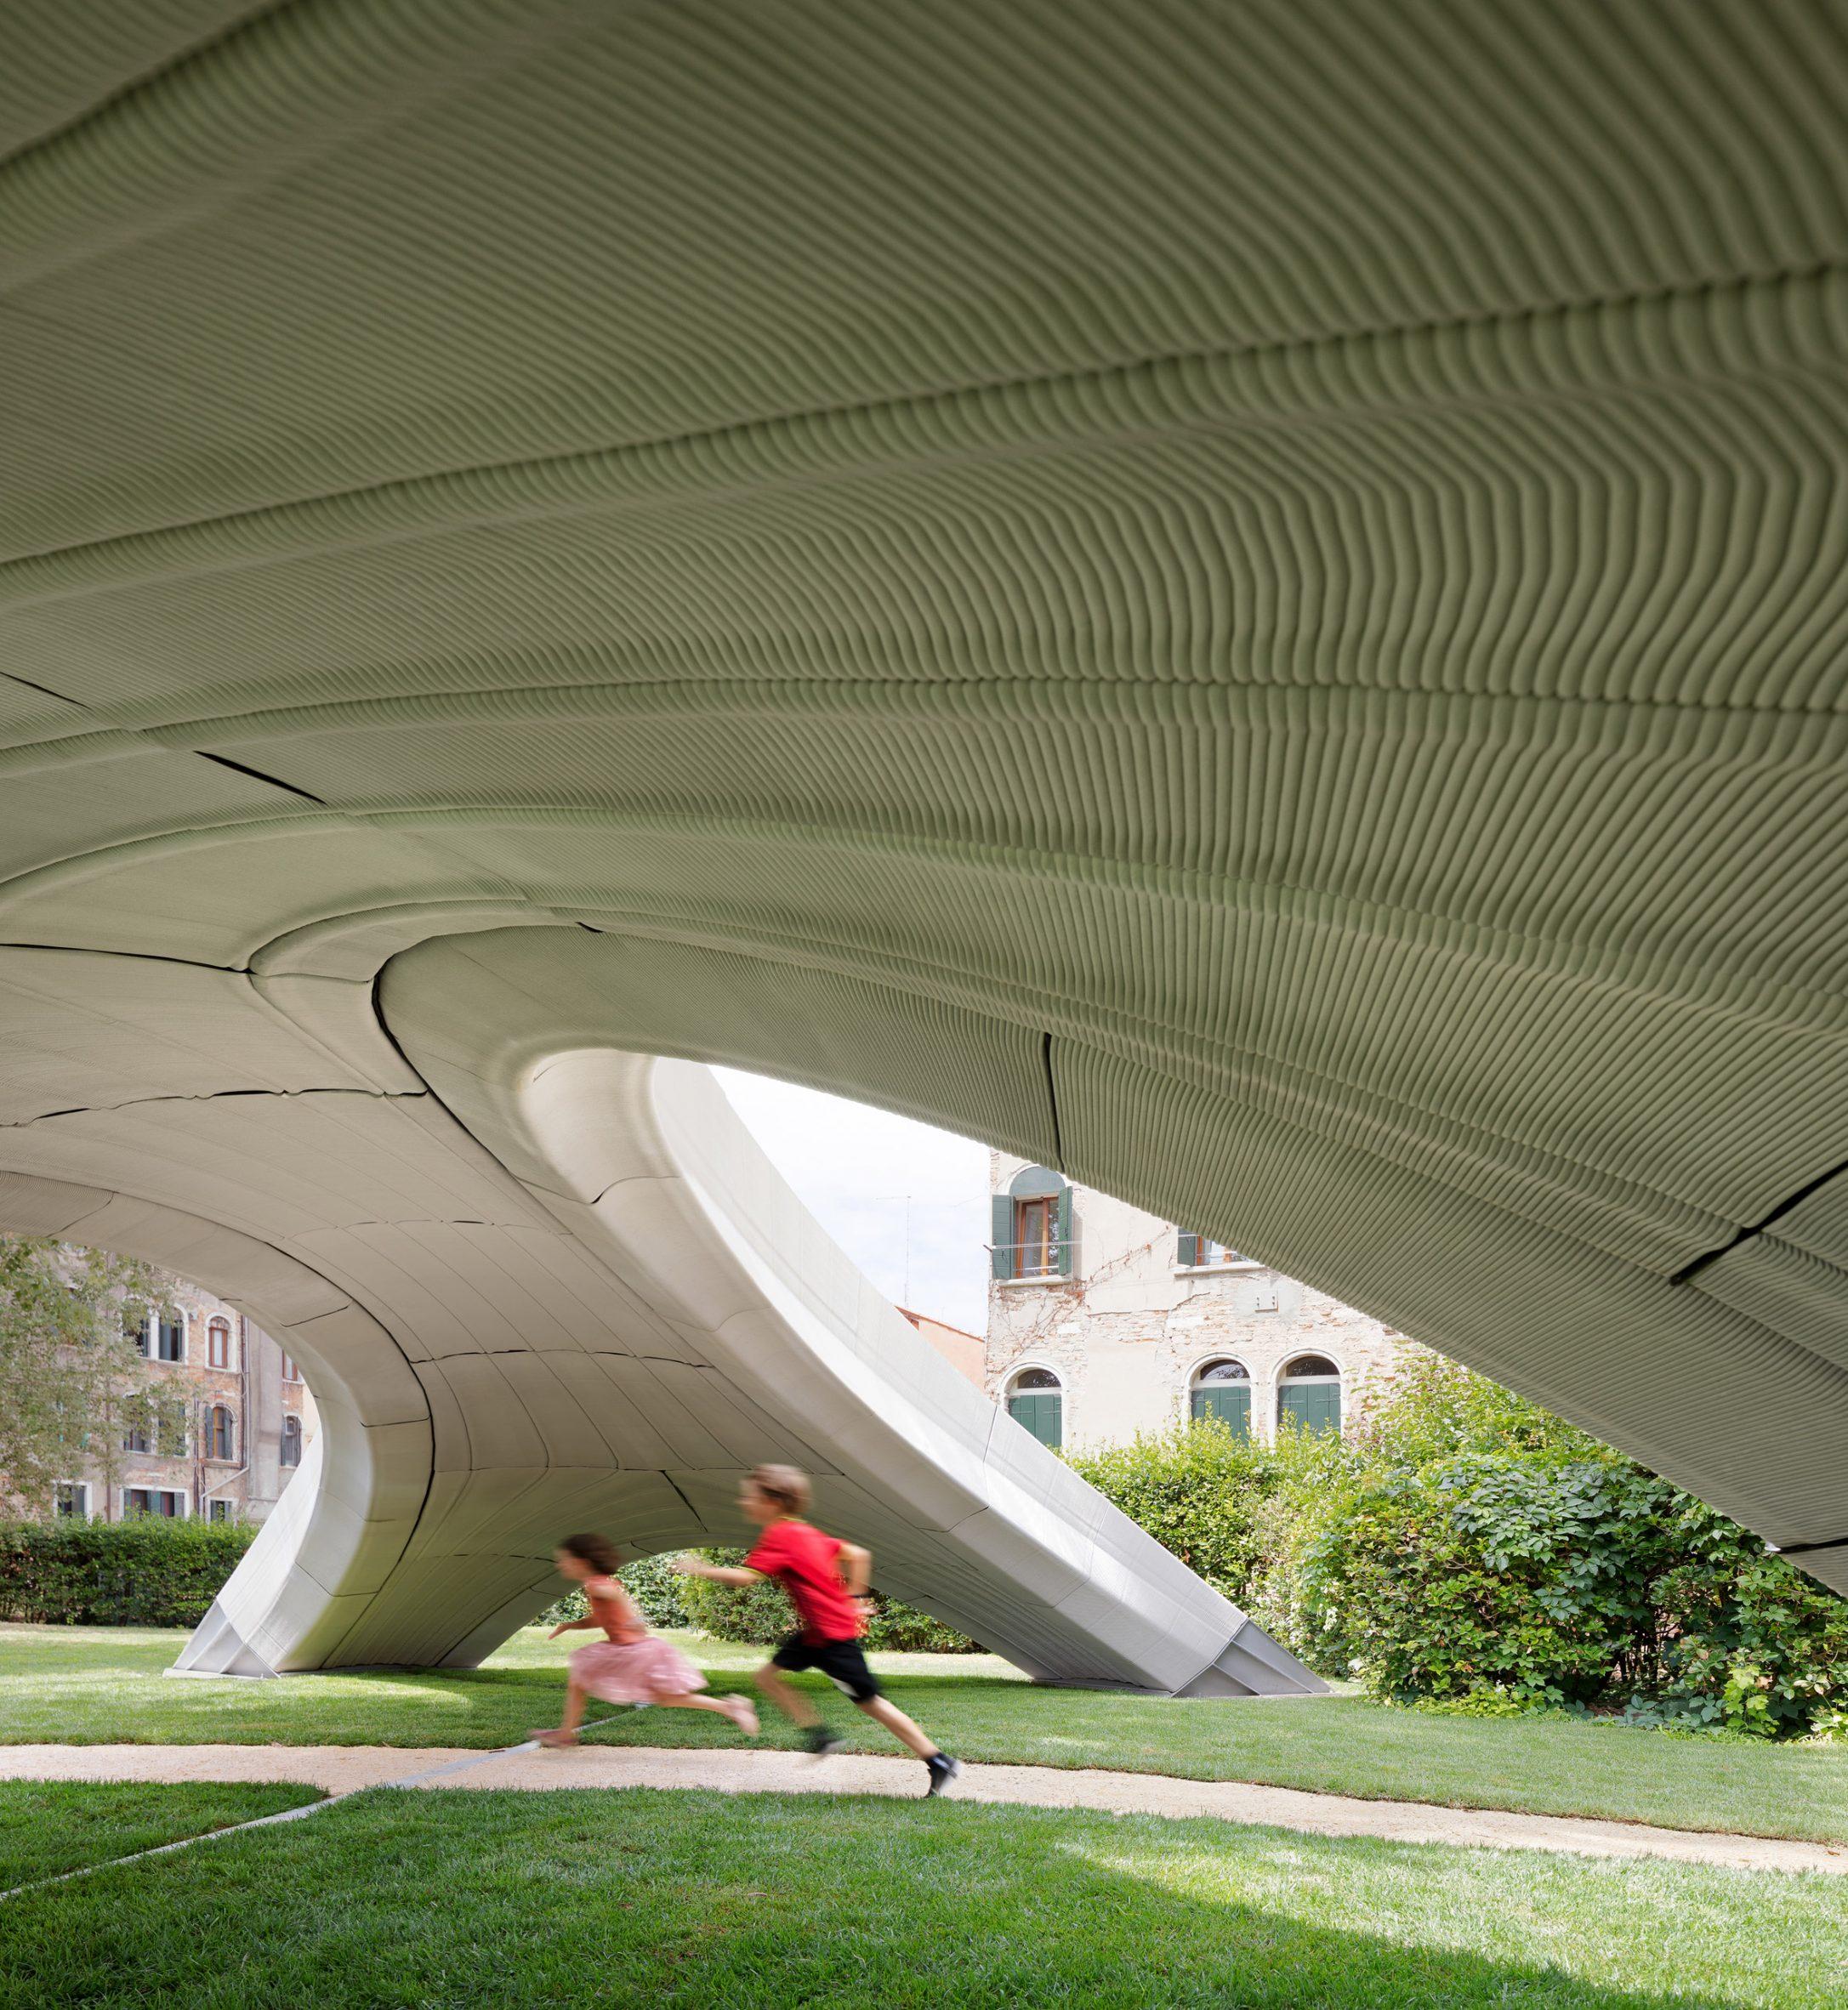 Children pictured running under the bridge